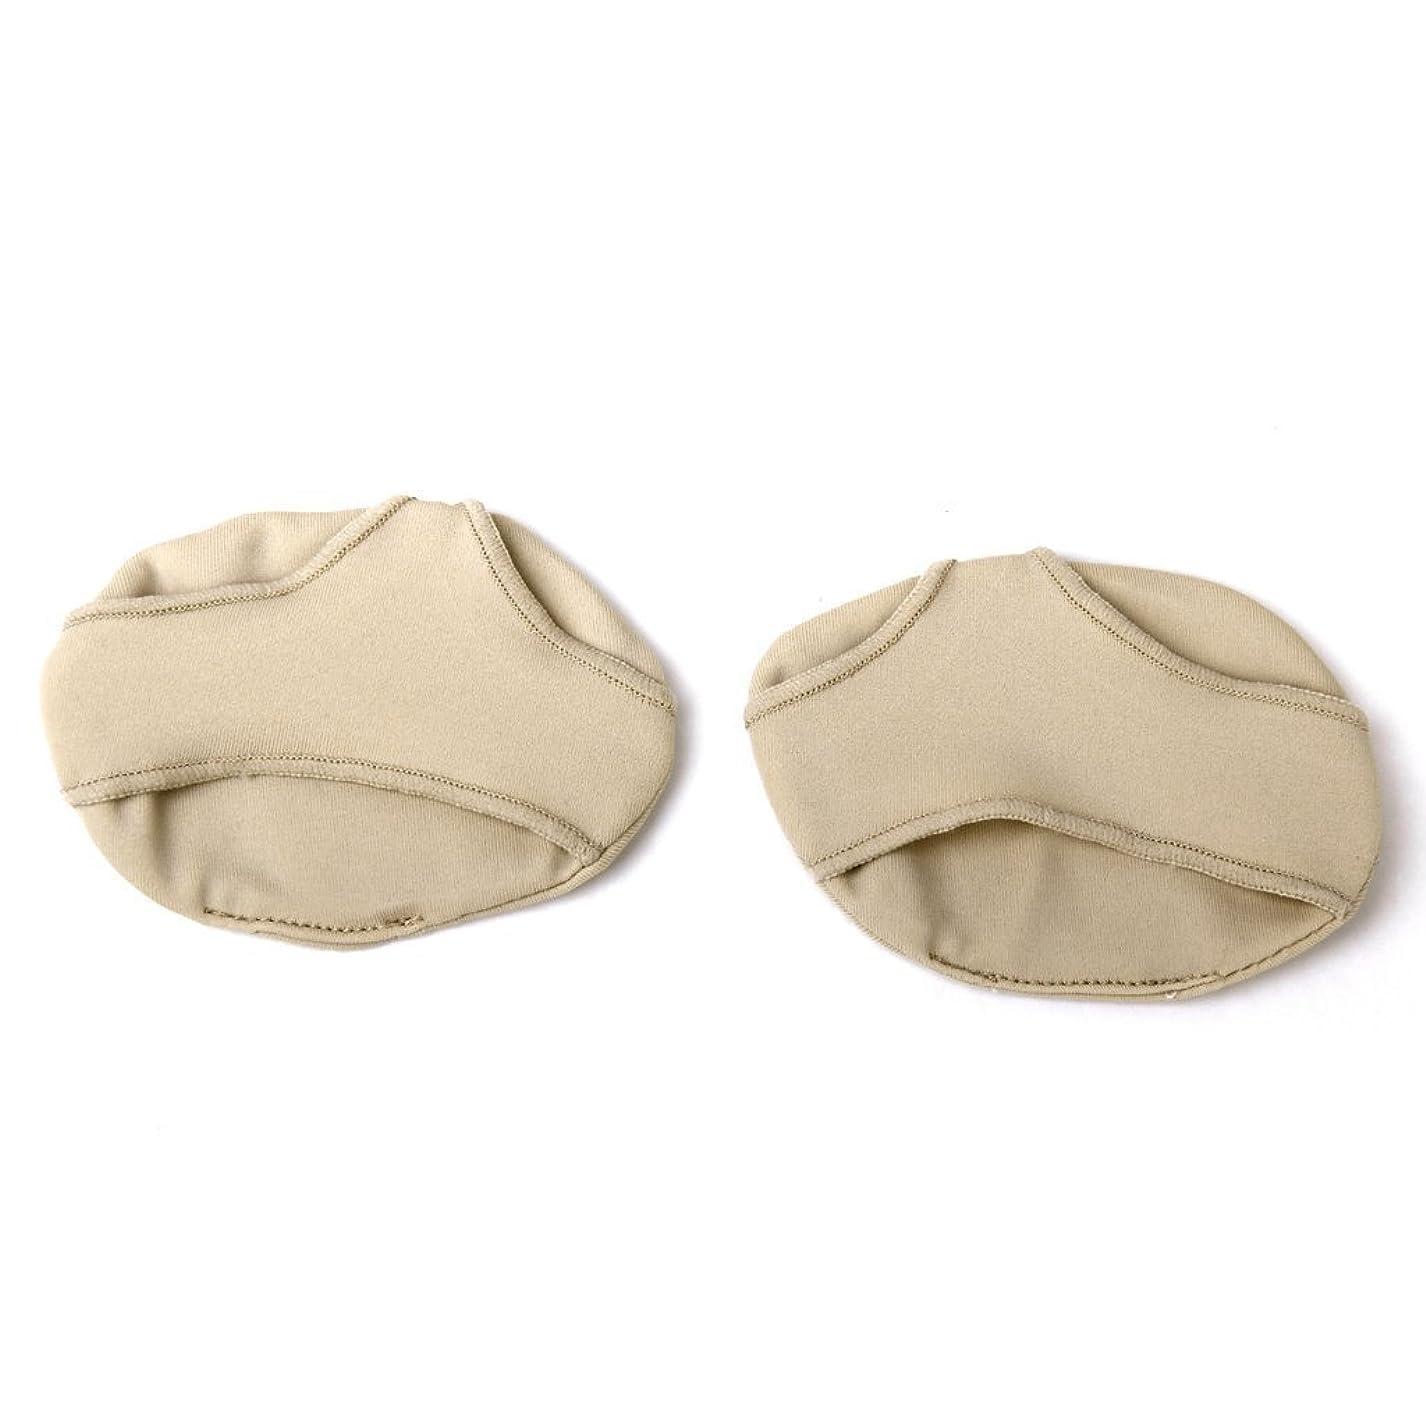 数前進暴行Naliovker ペアの低中足パッド クッションブランケット 前足の痛みを和らげるためのストラップ付きインソール Y形